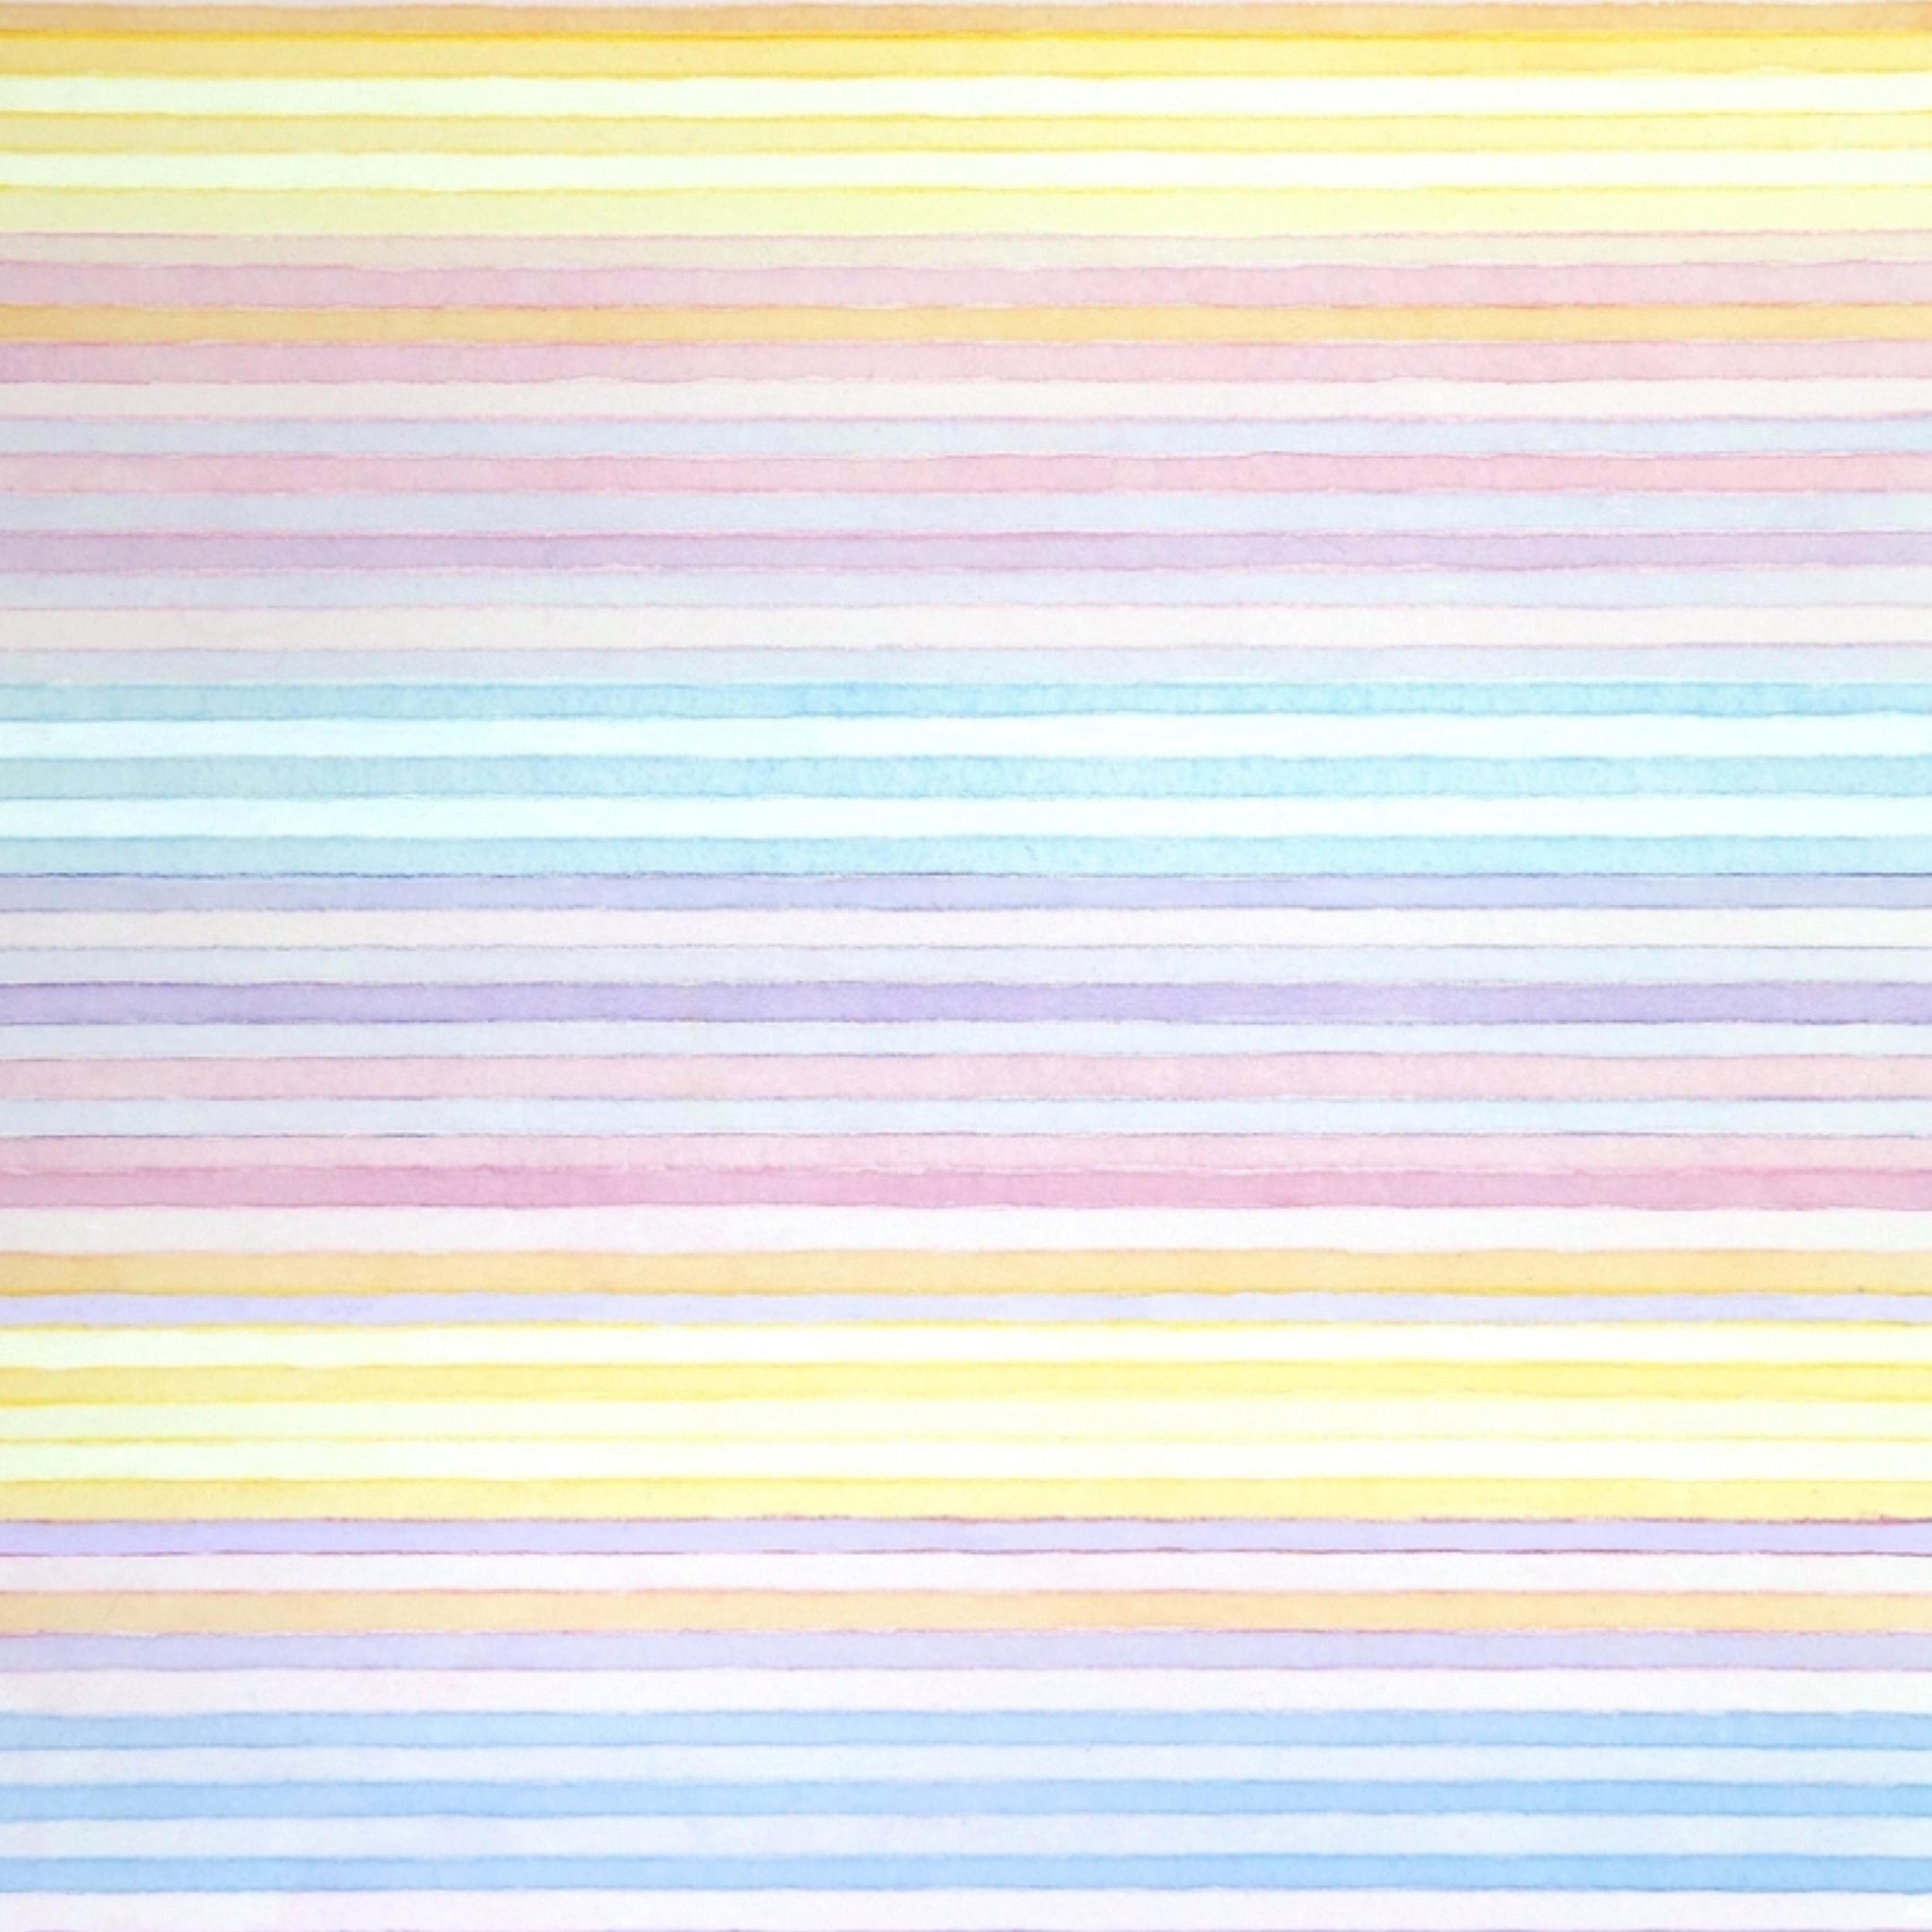 2015: Morning Light Watercolors